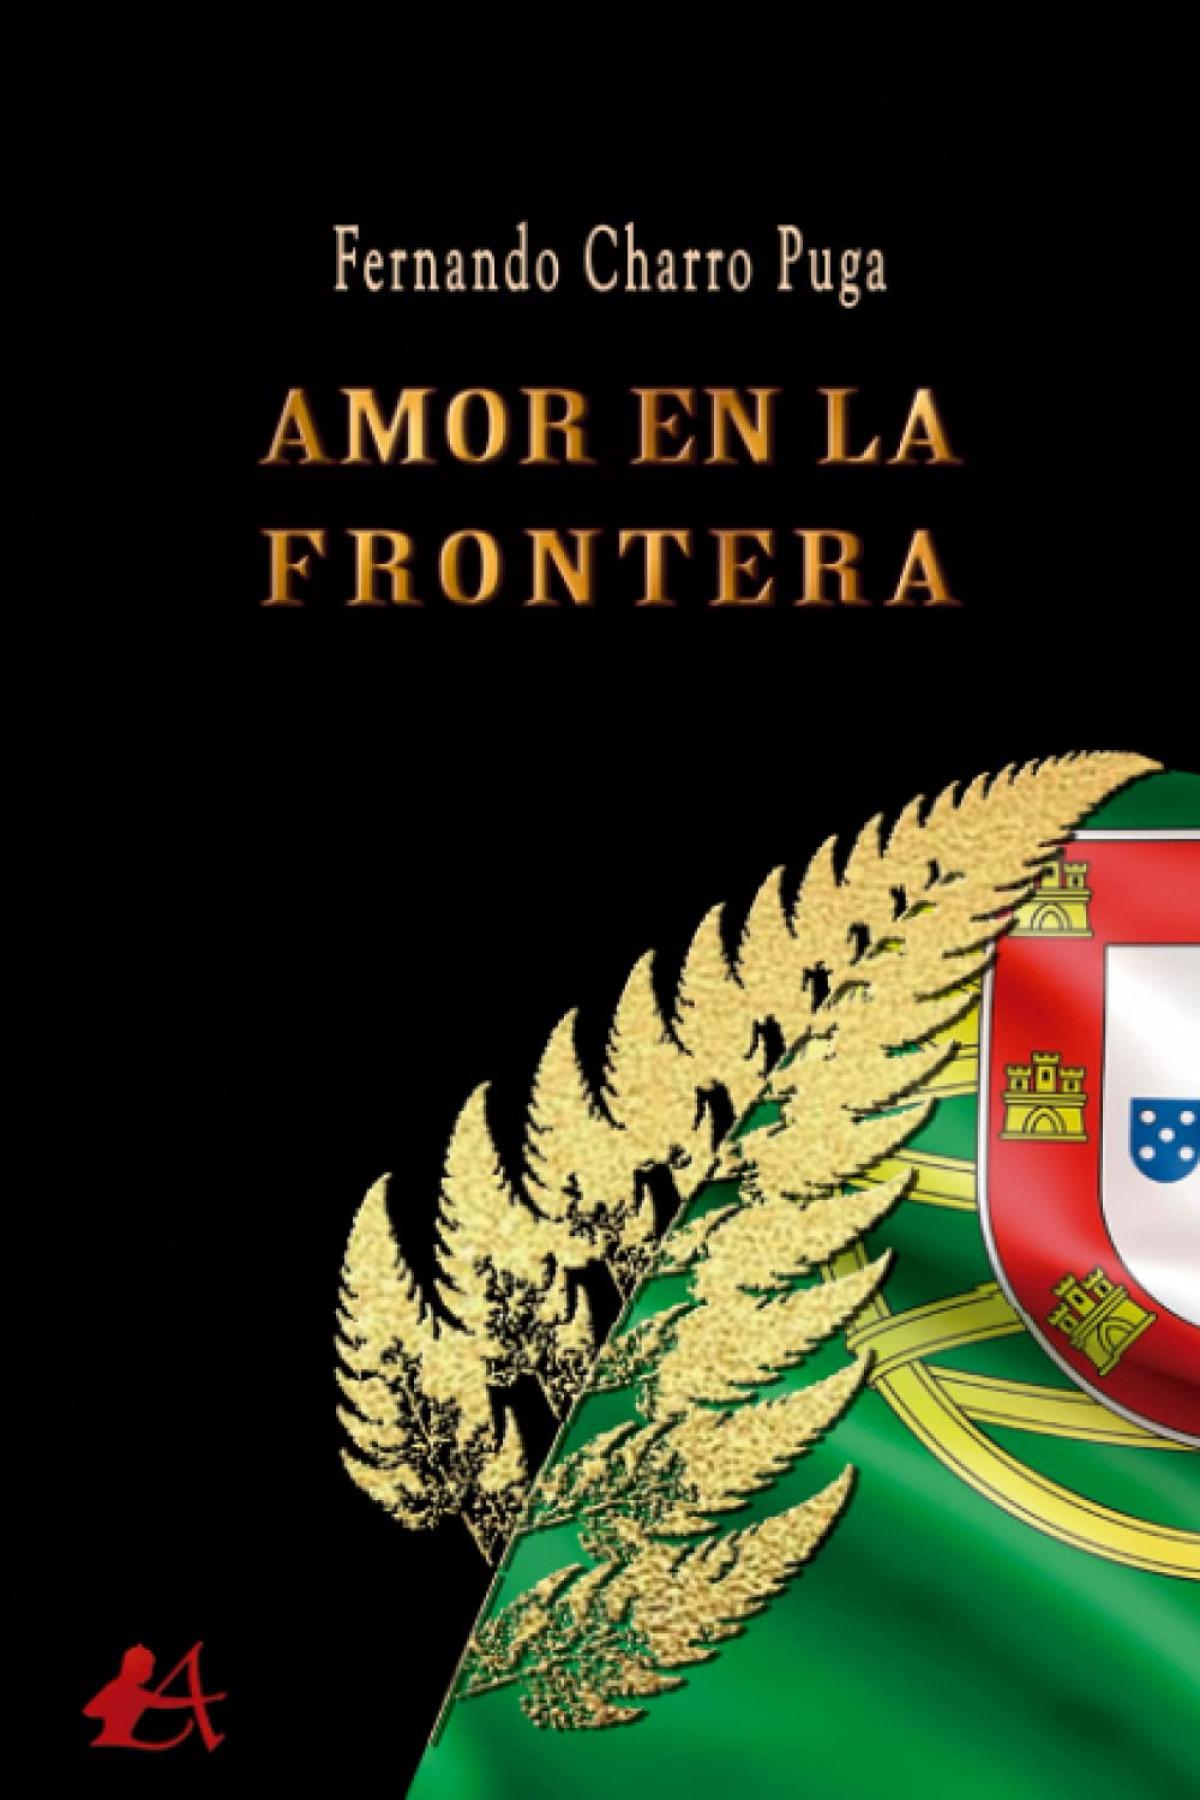 Amor en la frontera